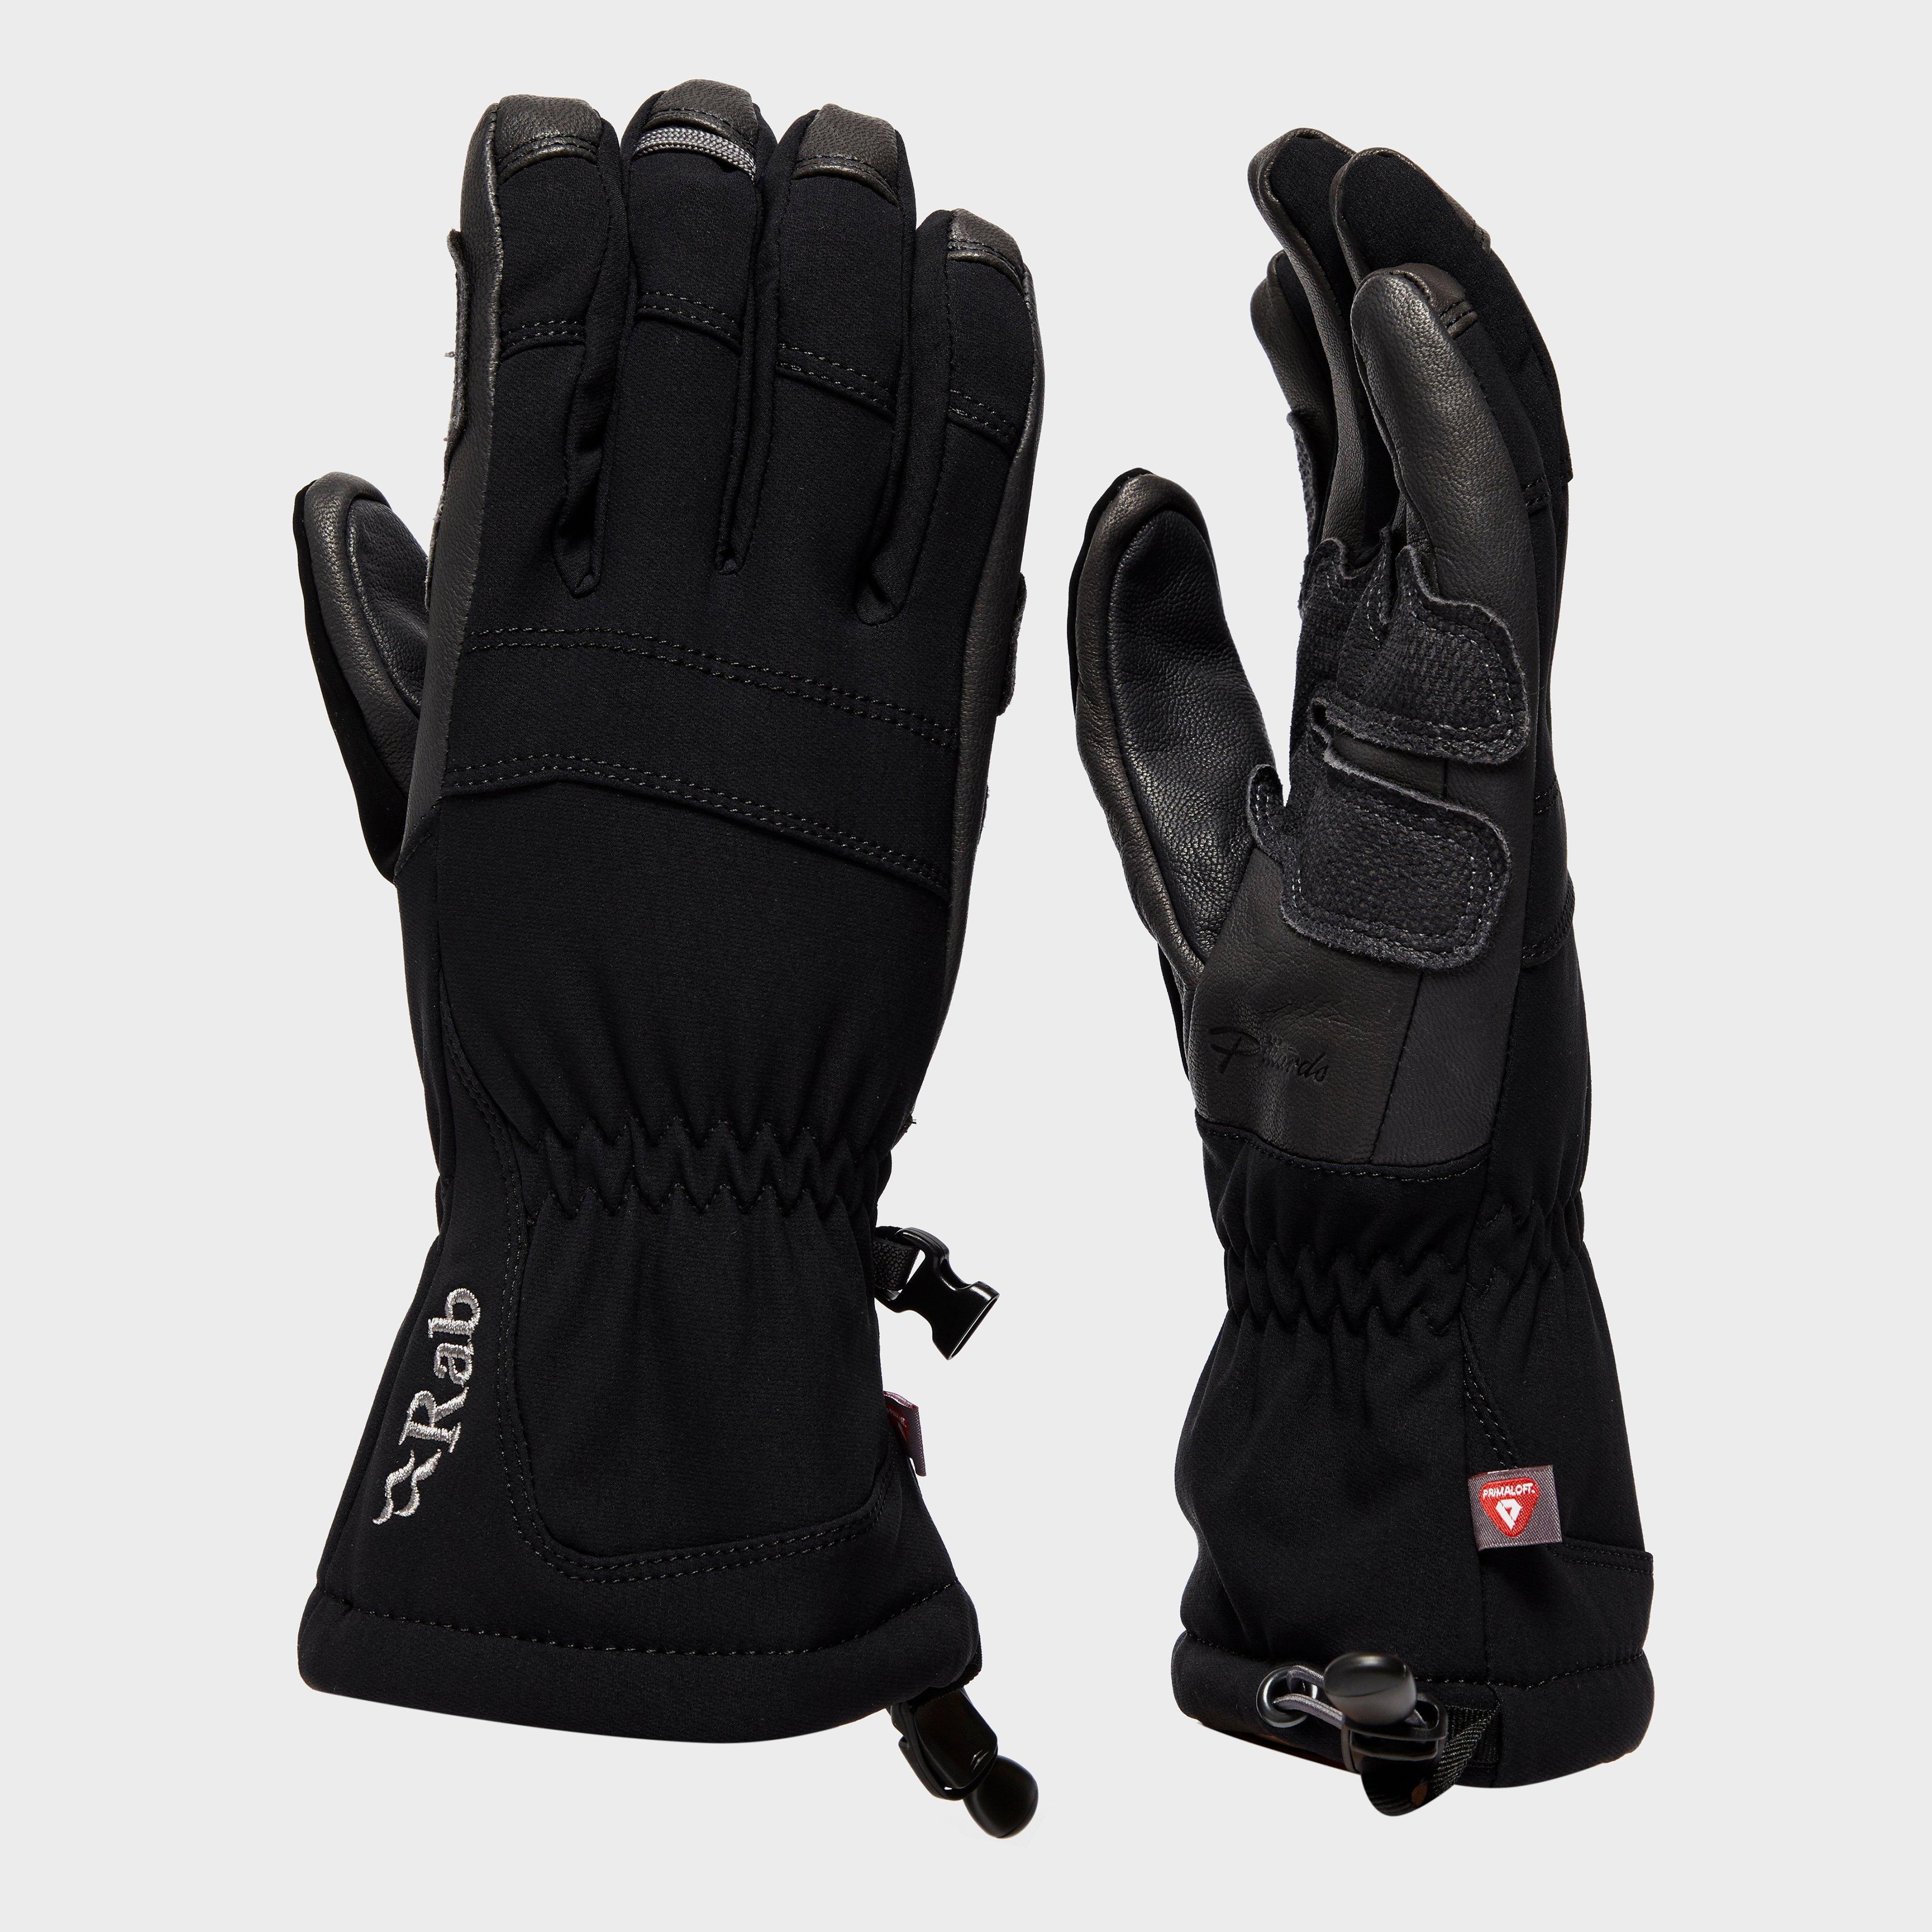 Rab Baltoro Glove, Black